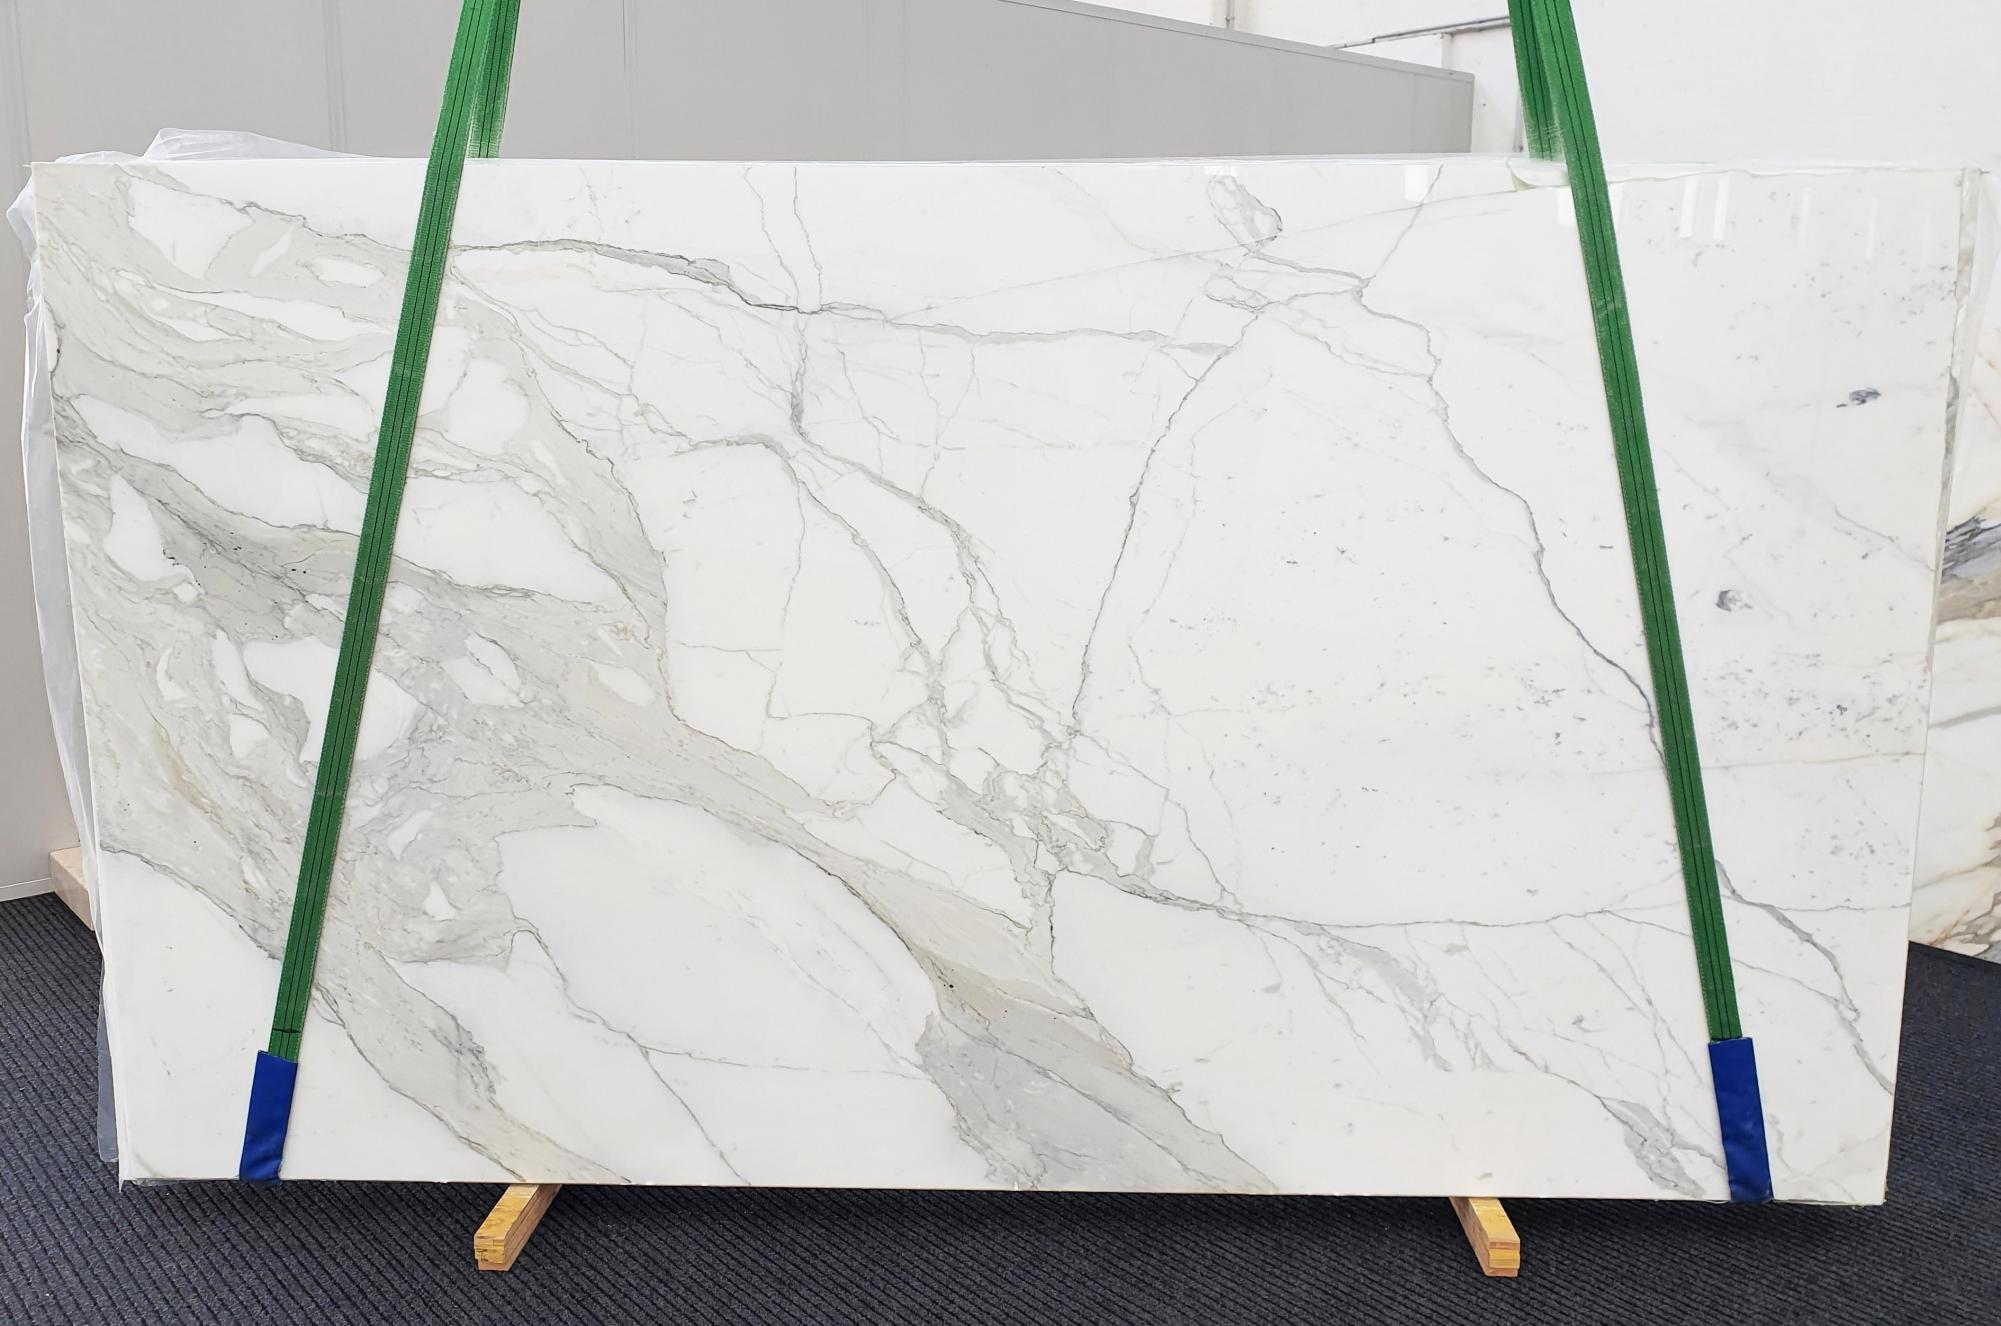 CALACATTA EXTRA Suministro Veneto (Italia) de planchas pulidas en mármol natural 1377 , Slab #72